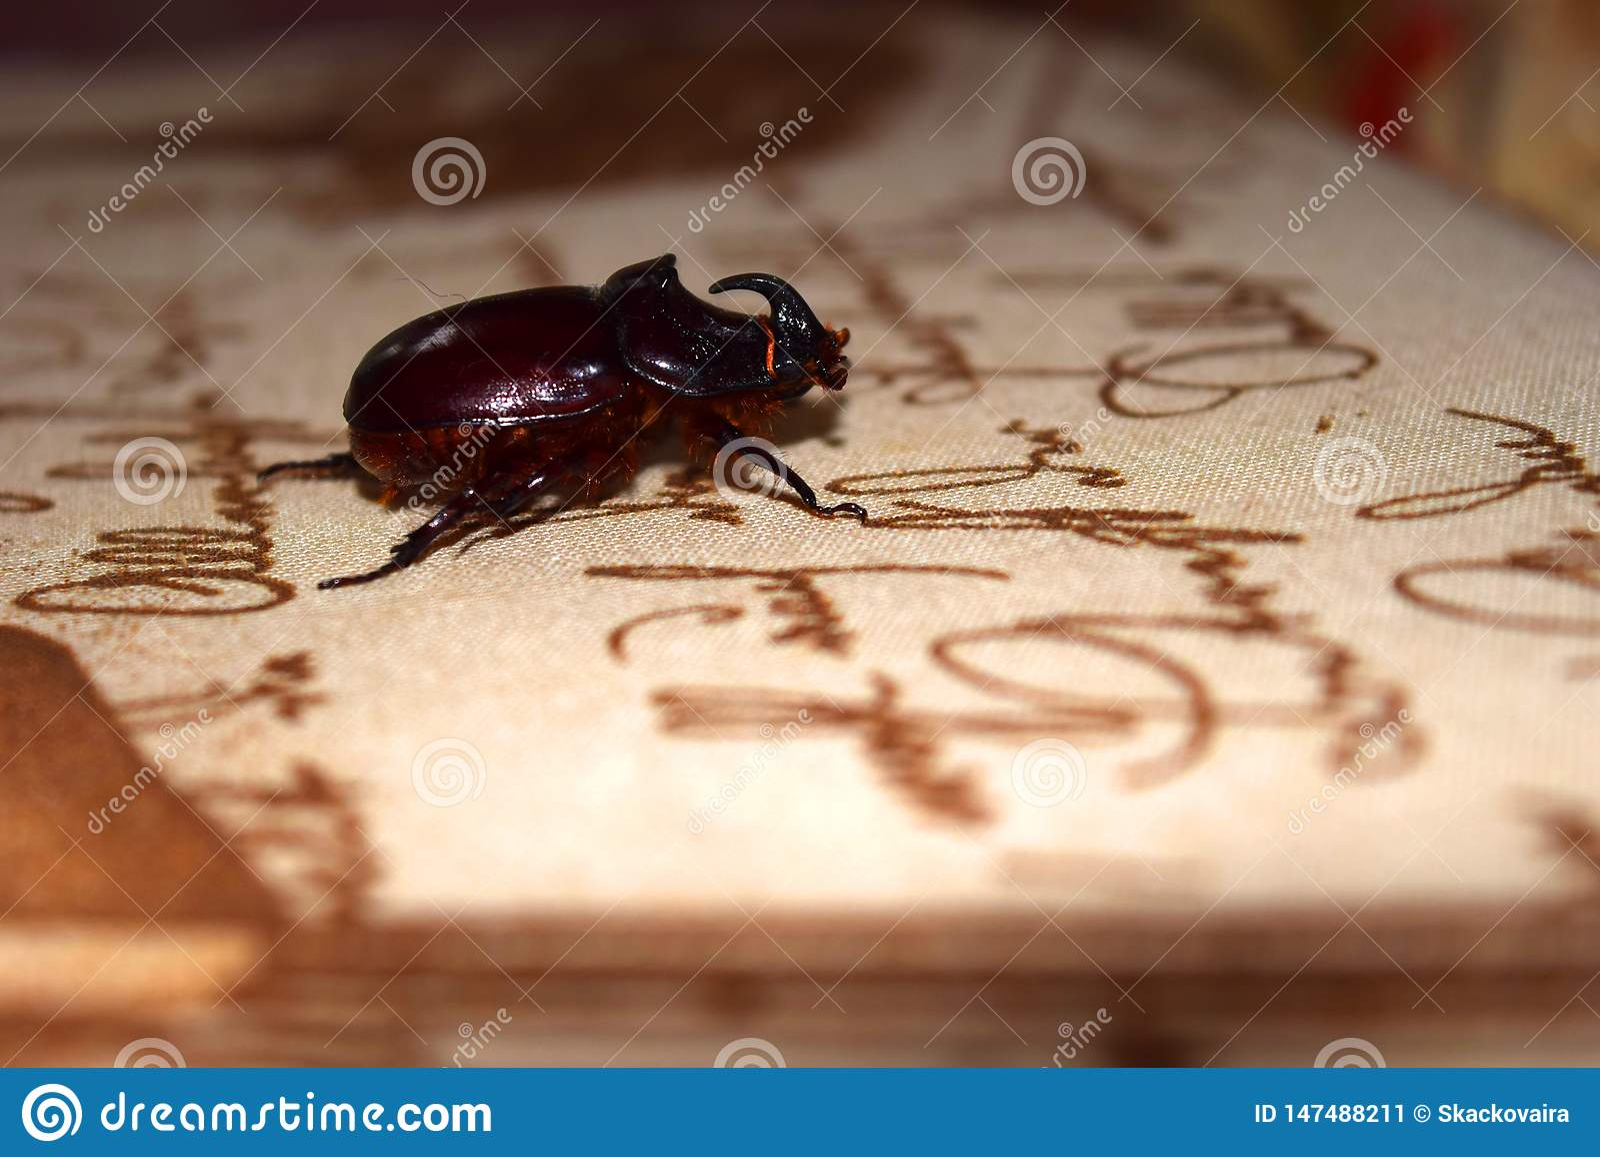 Un scarabée de rhinocéros rare se repose sur la table dans la perspective de ce qui est écrit